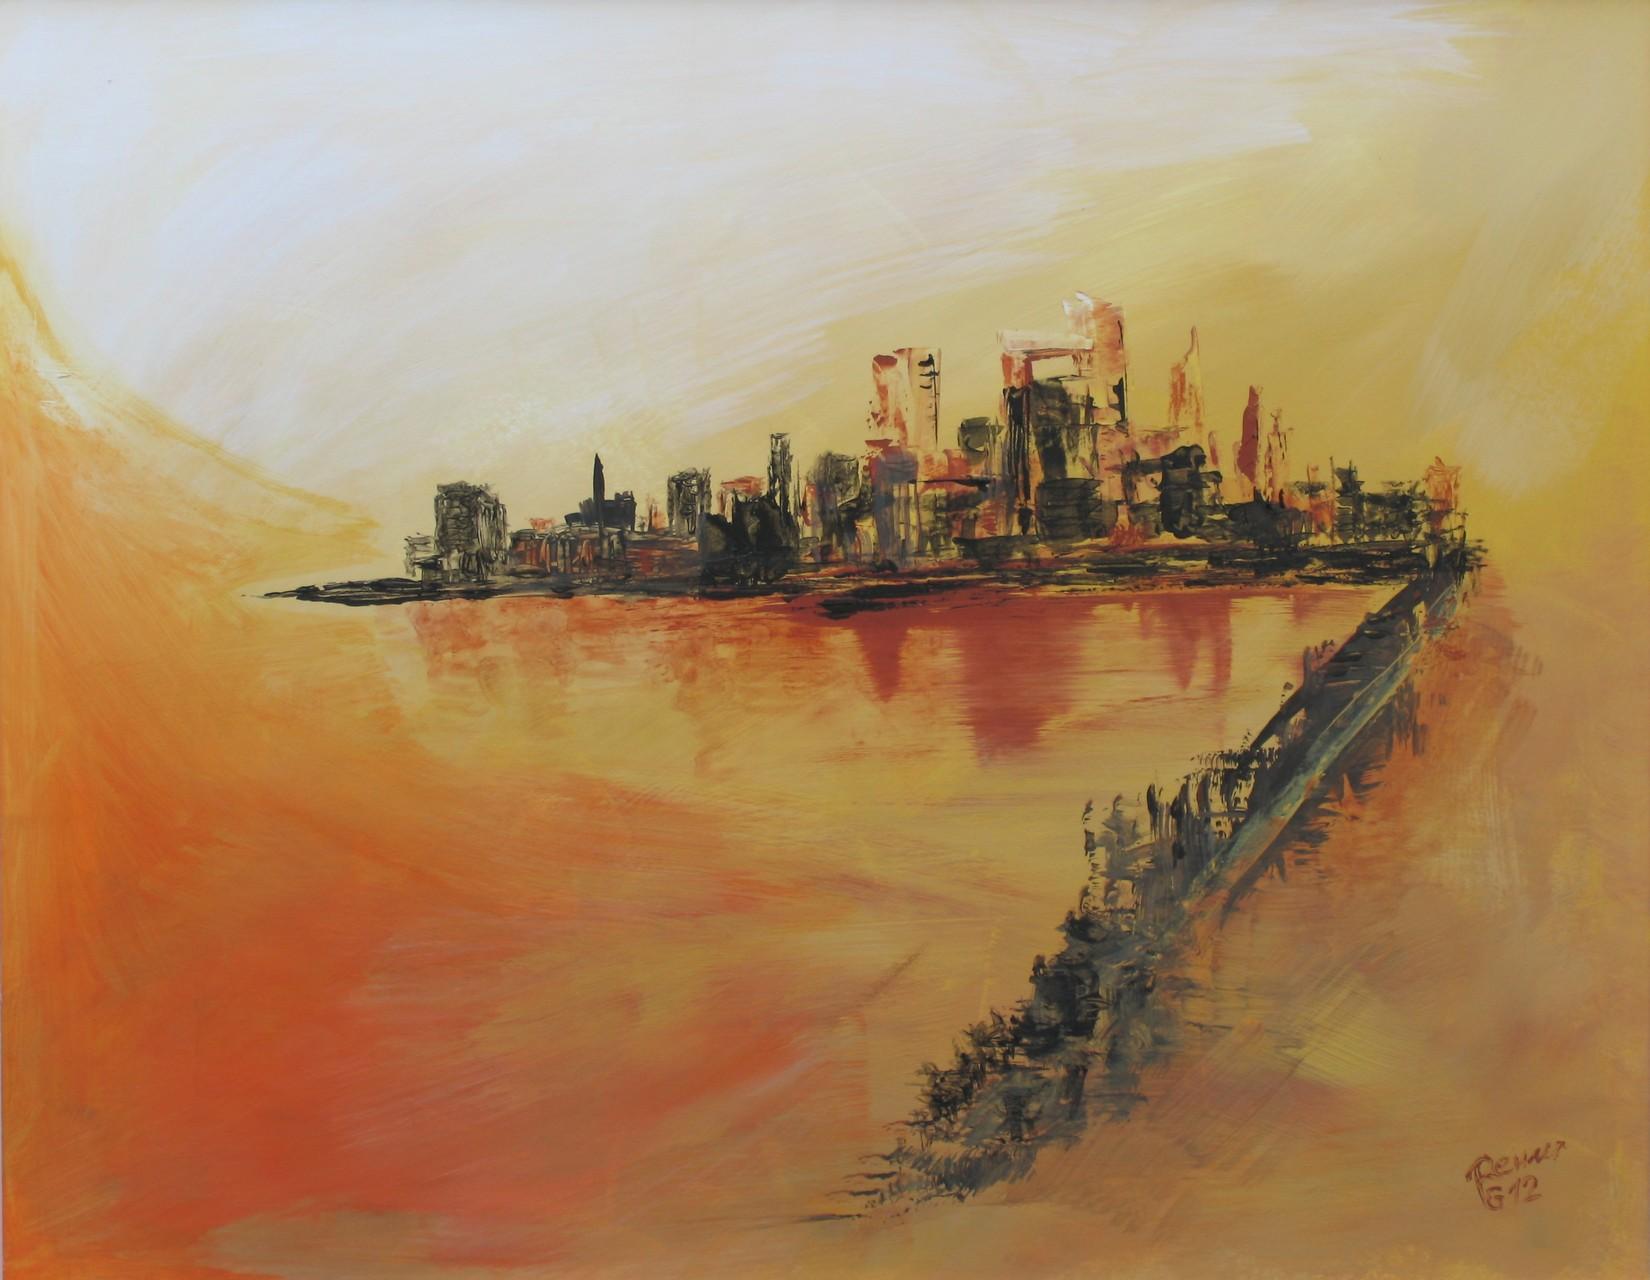 Weg in die Stadt 1, Acryl auf Karton, 40 x 50 cm